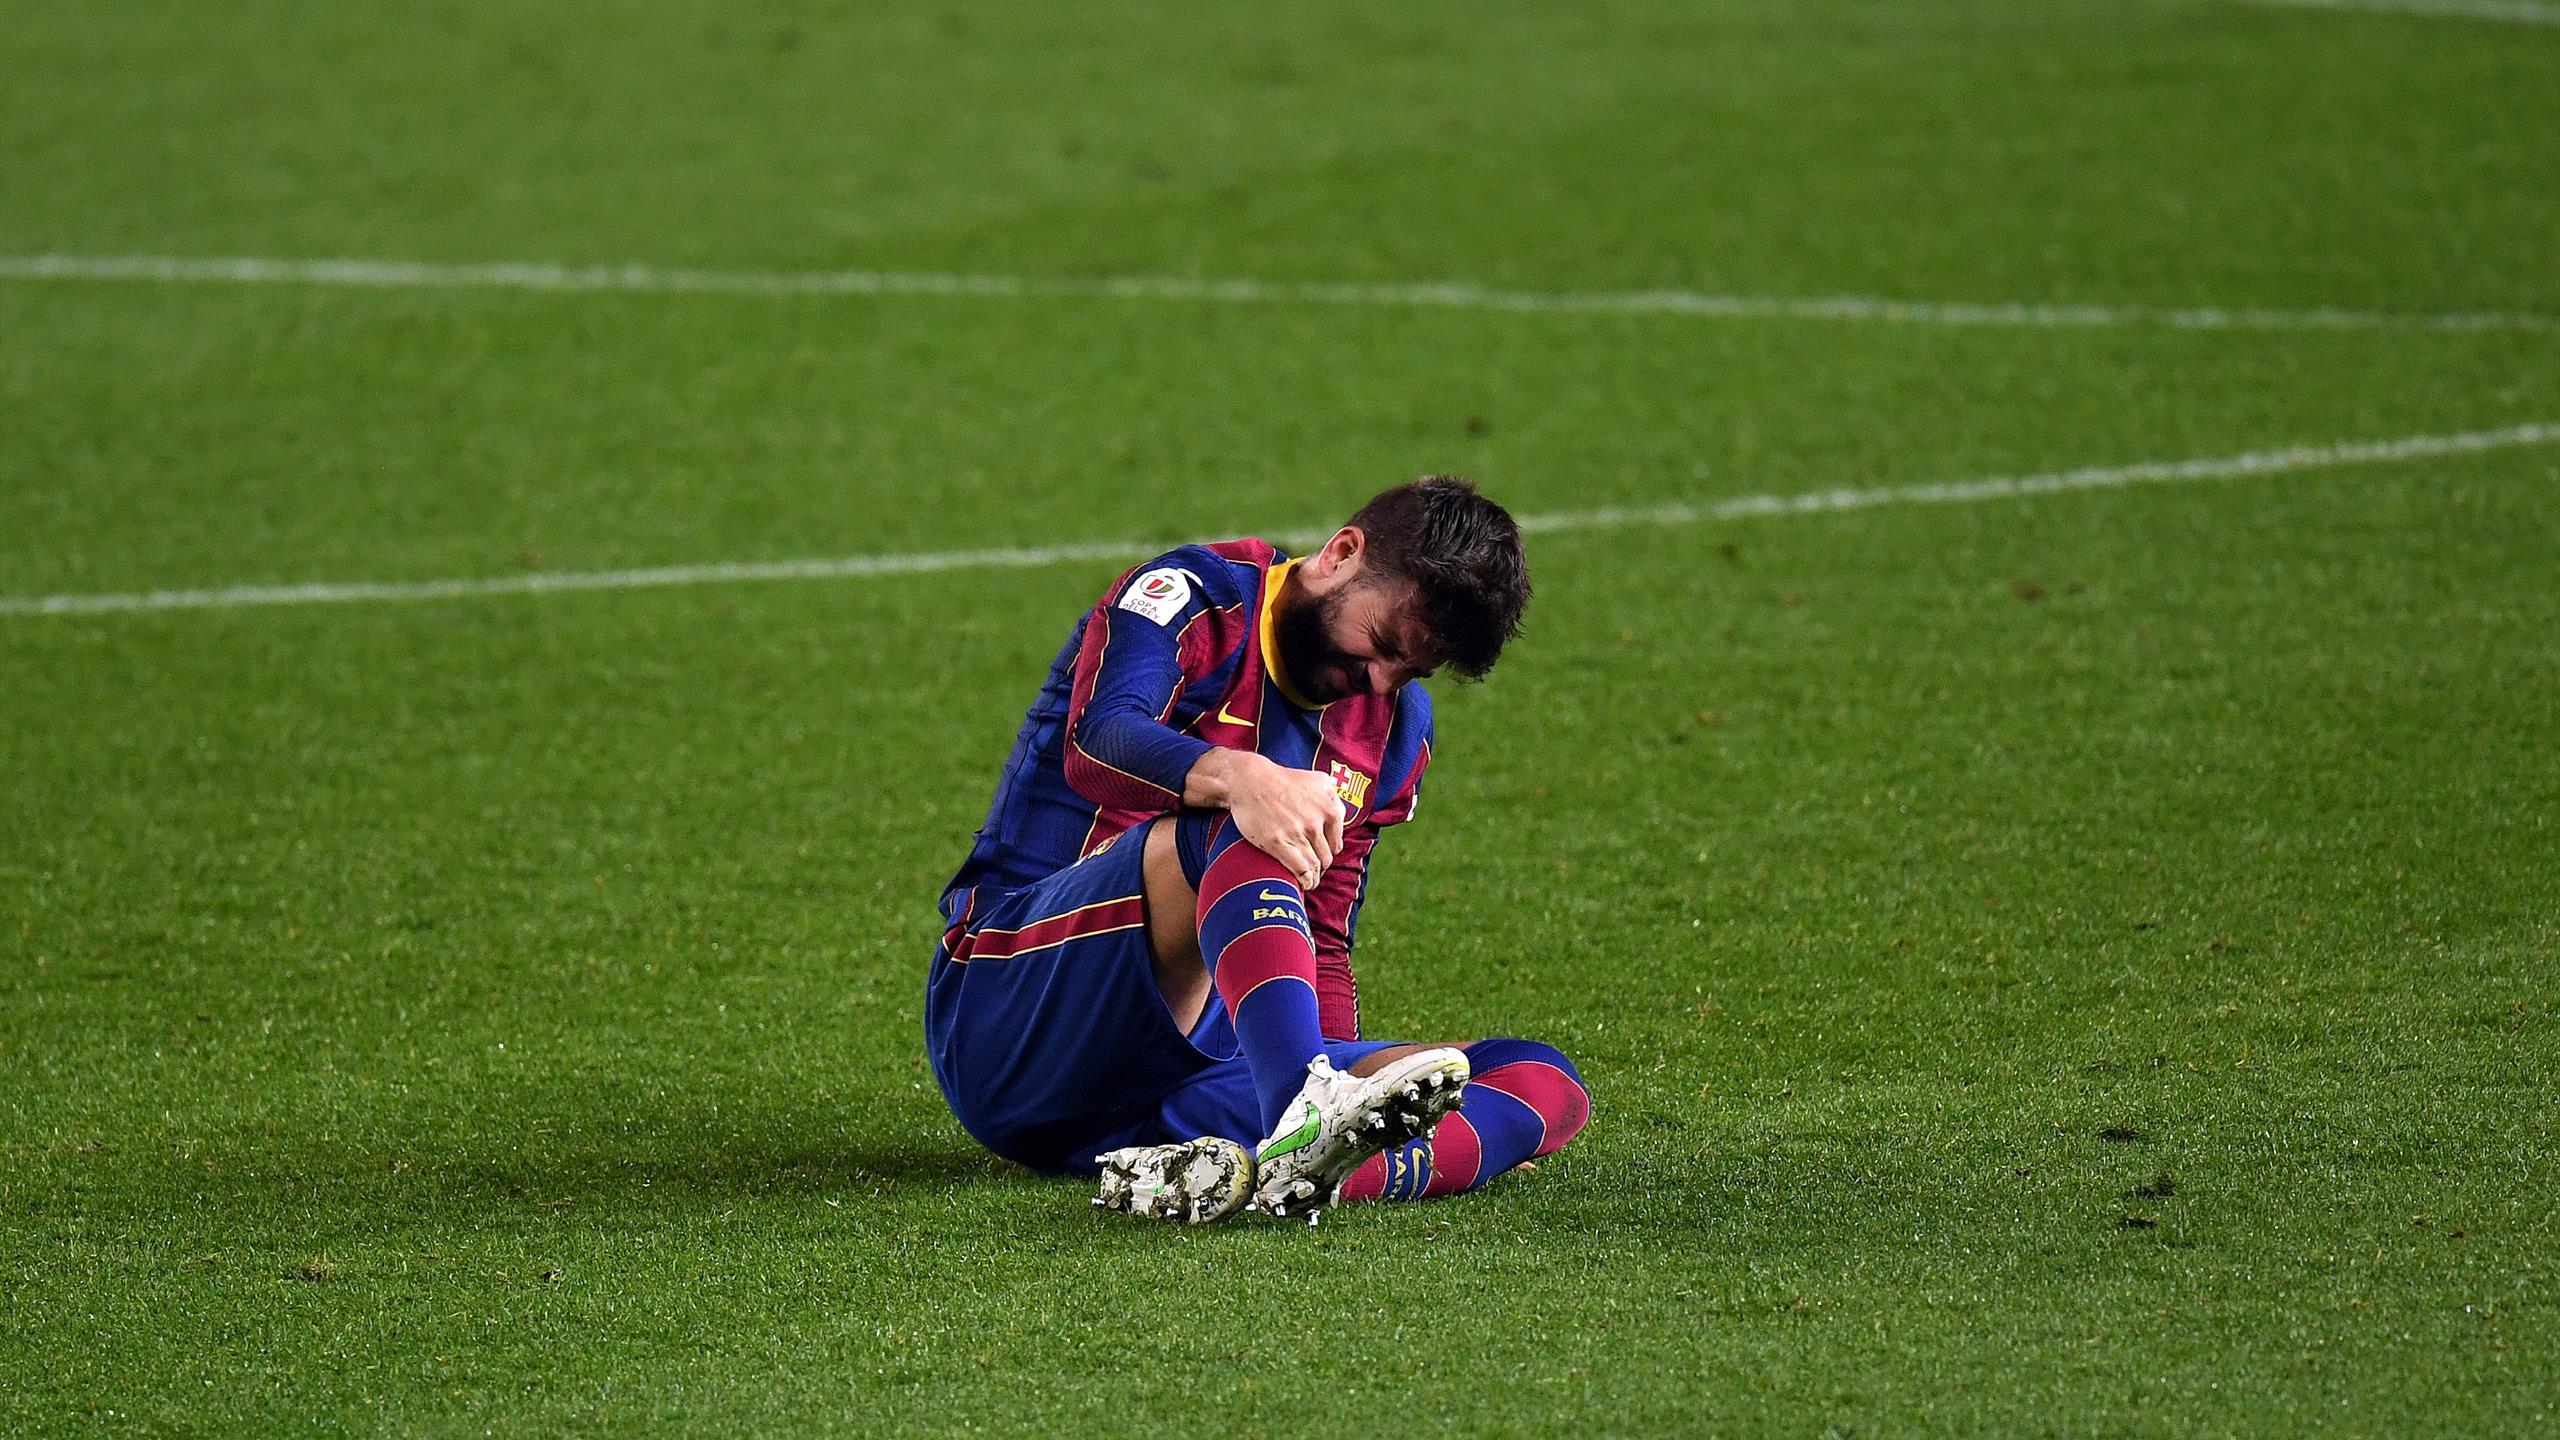 Officiel : Gerard Pique souffre d'une entorse du genou, présence plus que compromise contre le PSG - Eurosport FR